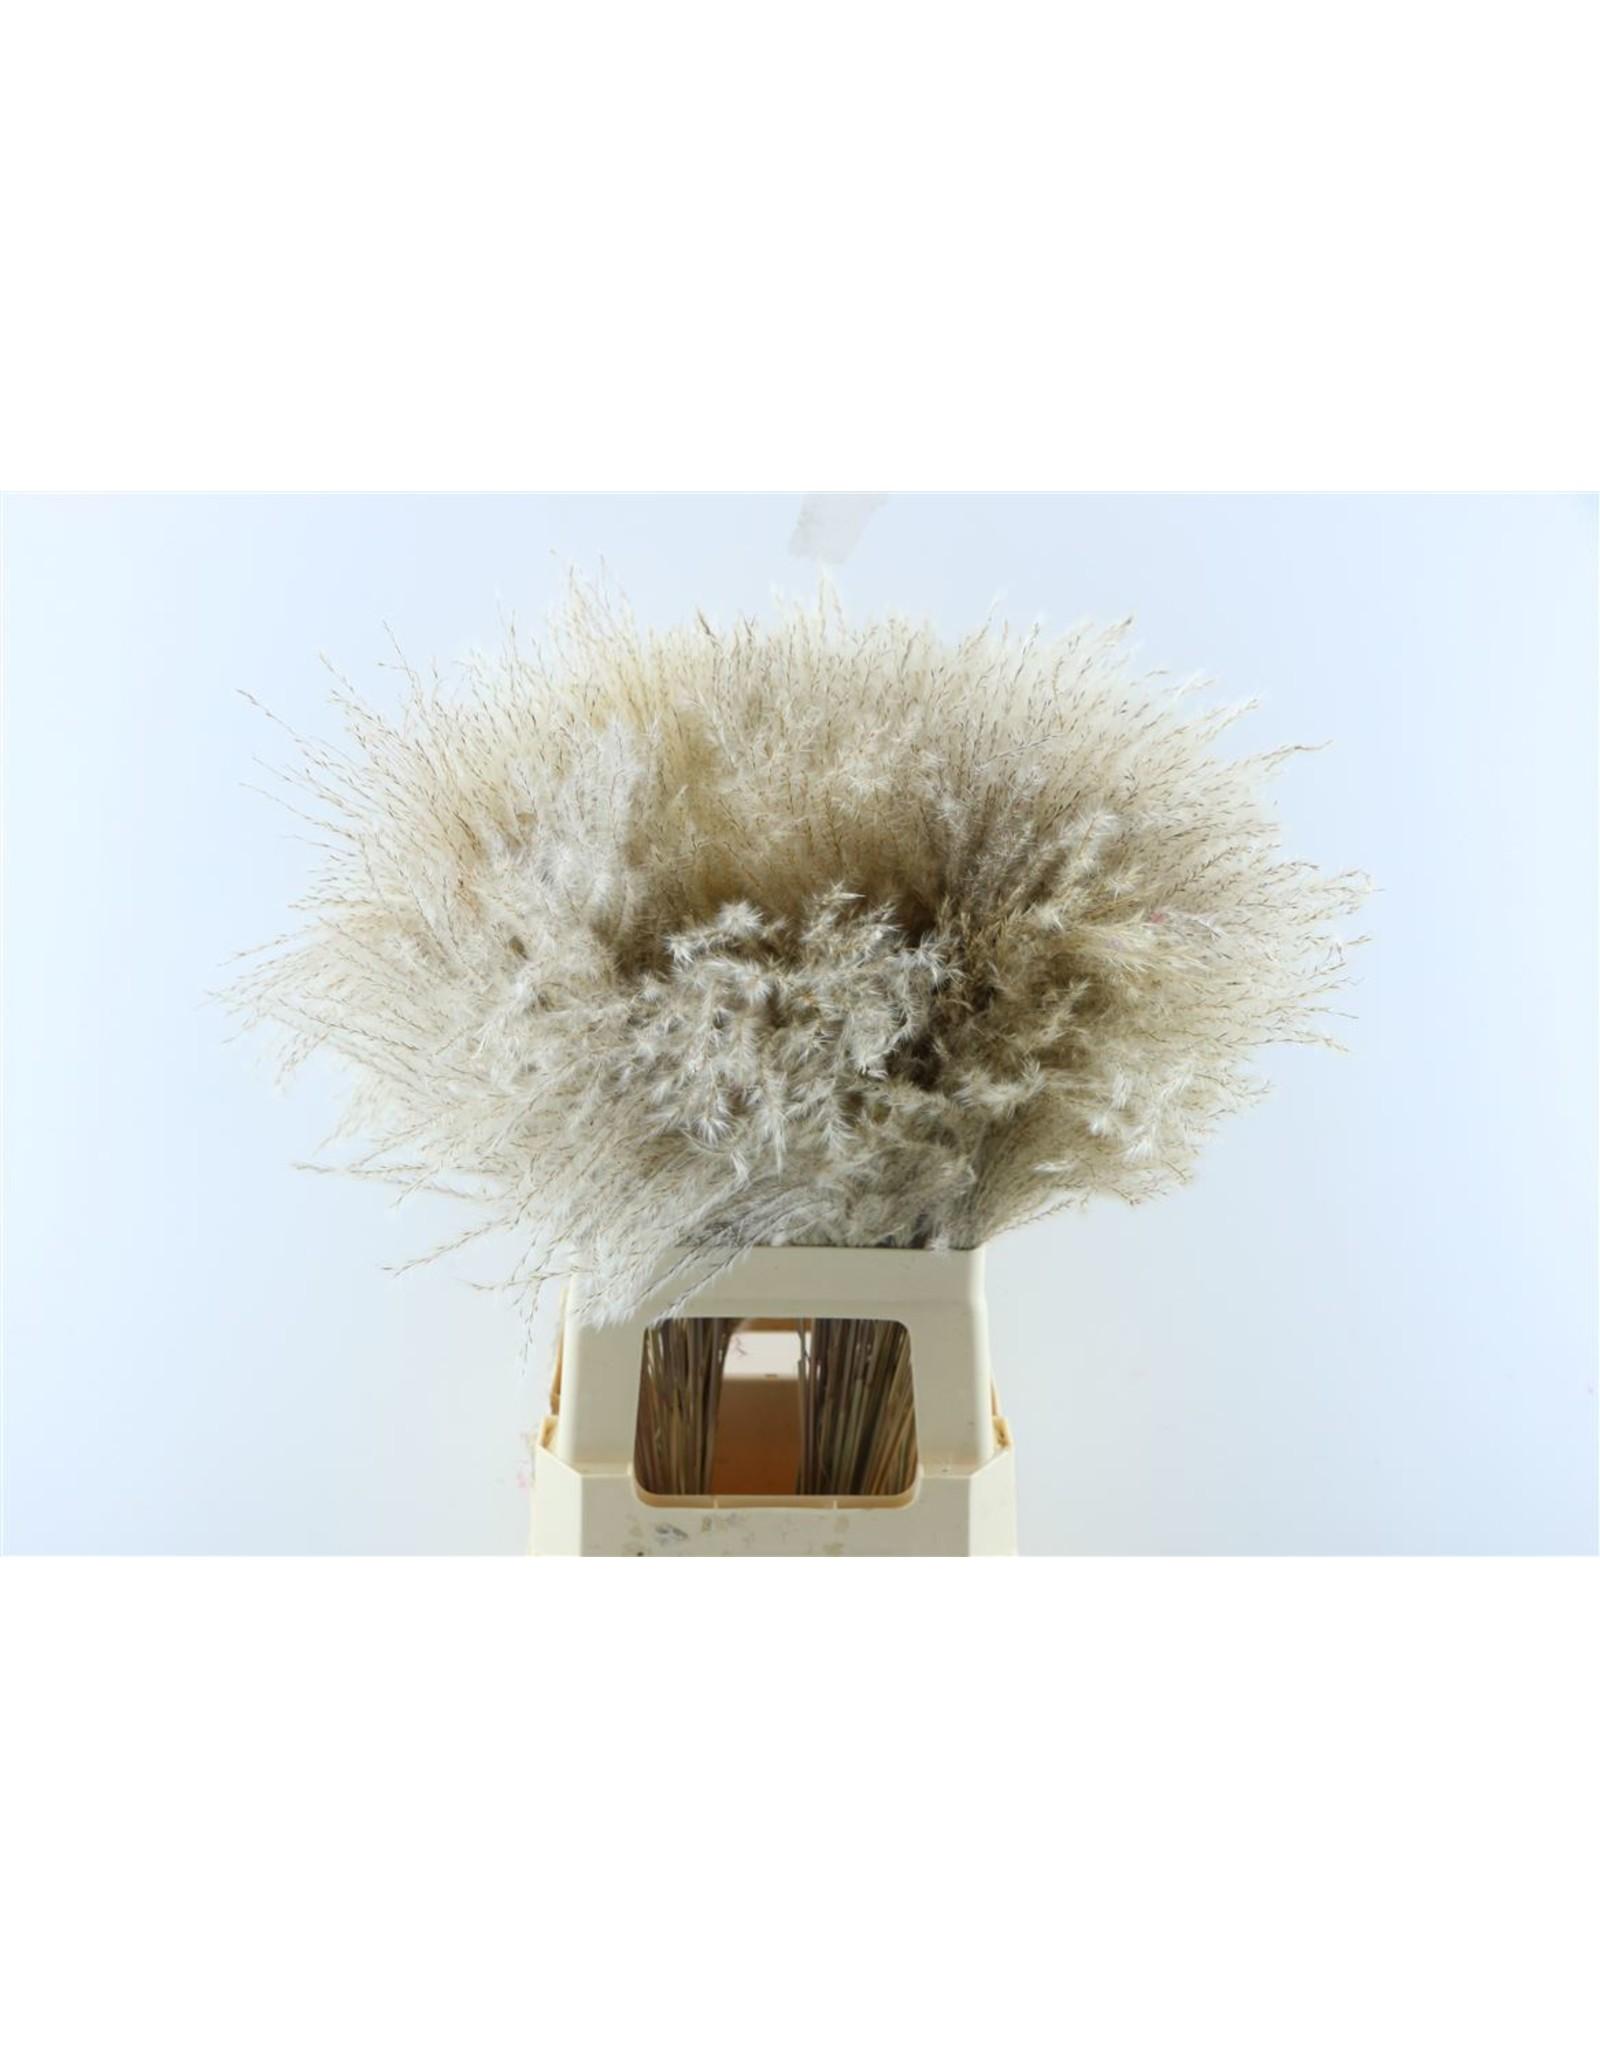 Dried Stipa Feather P Stem x 50